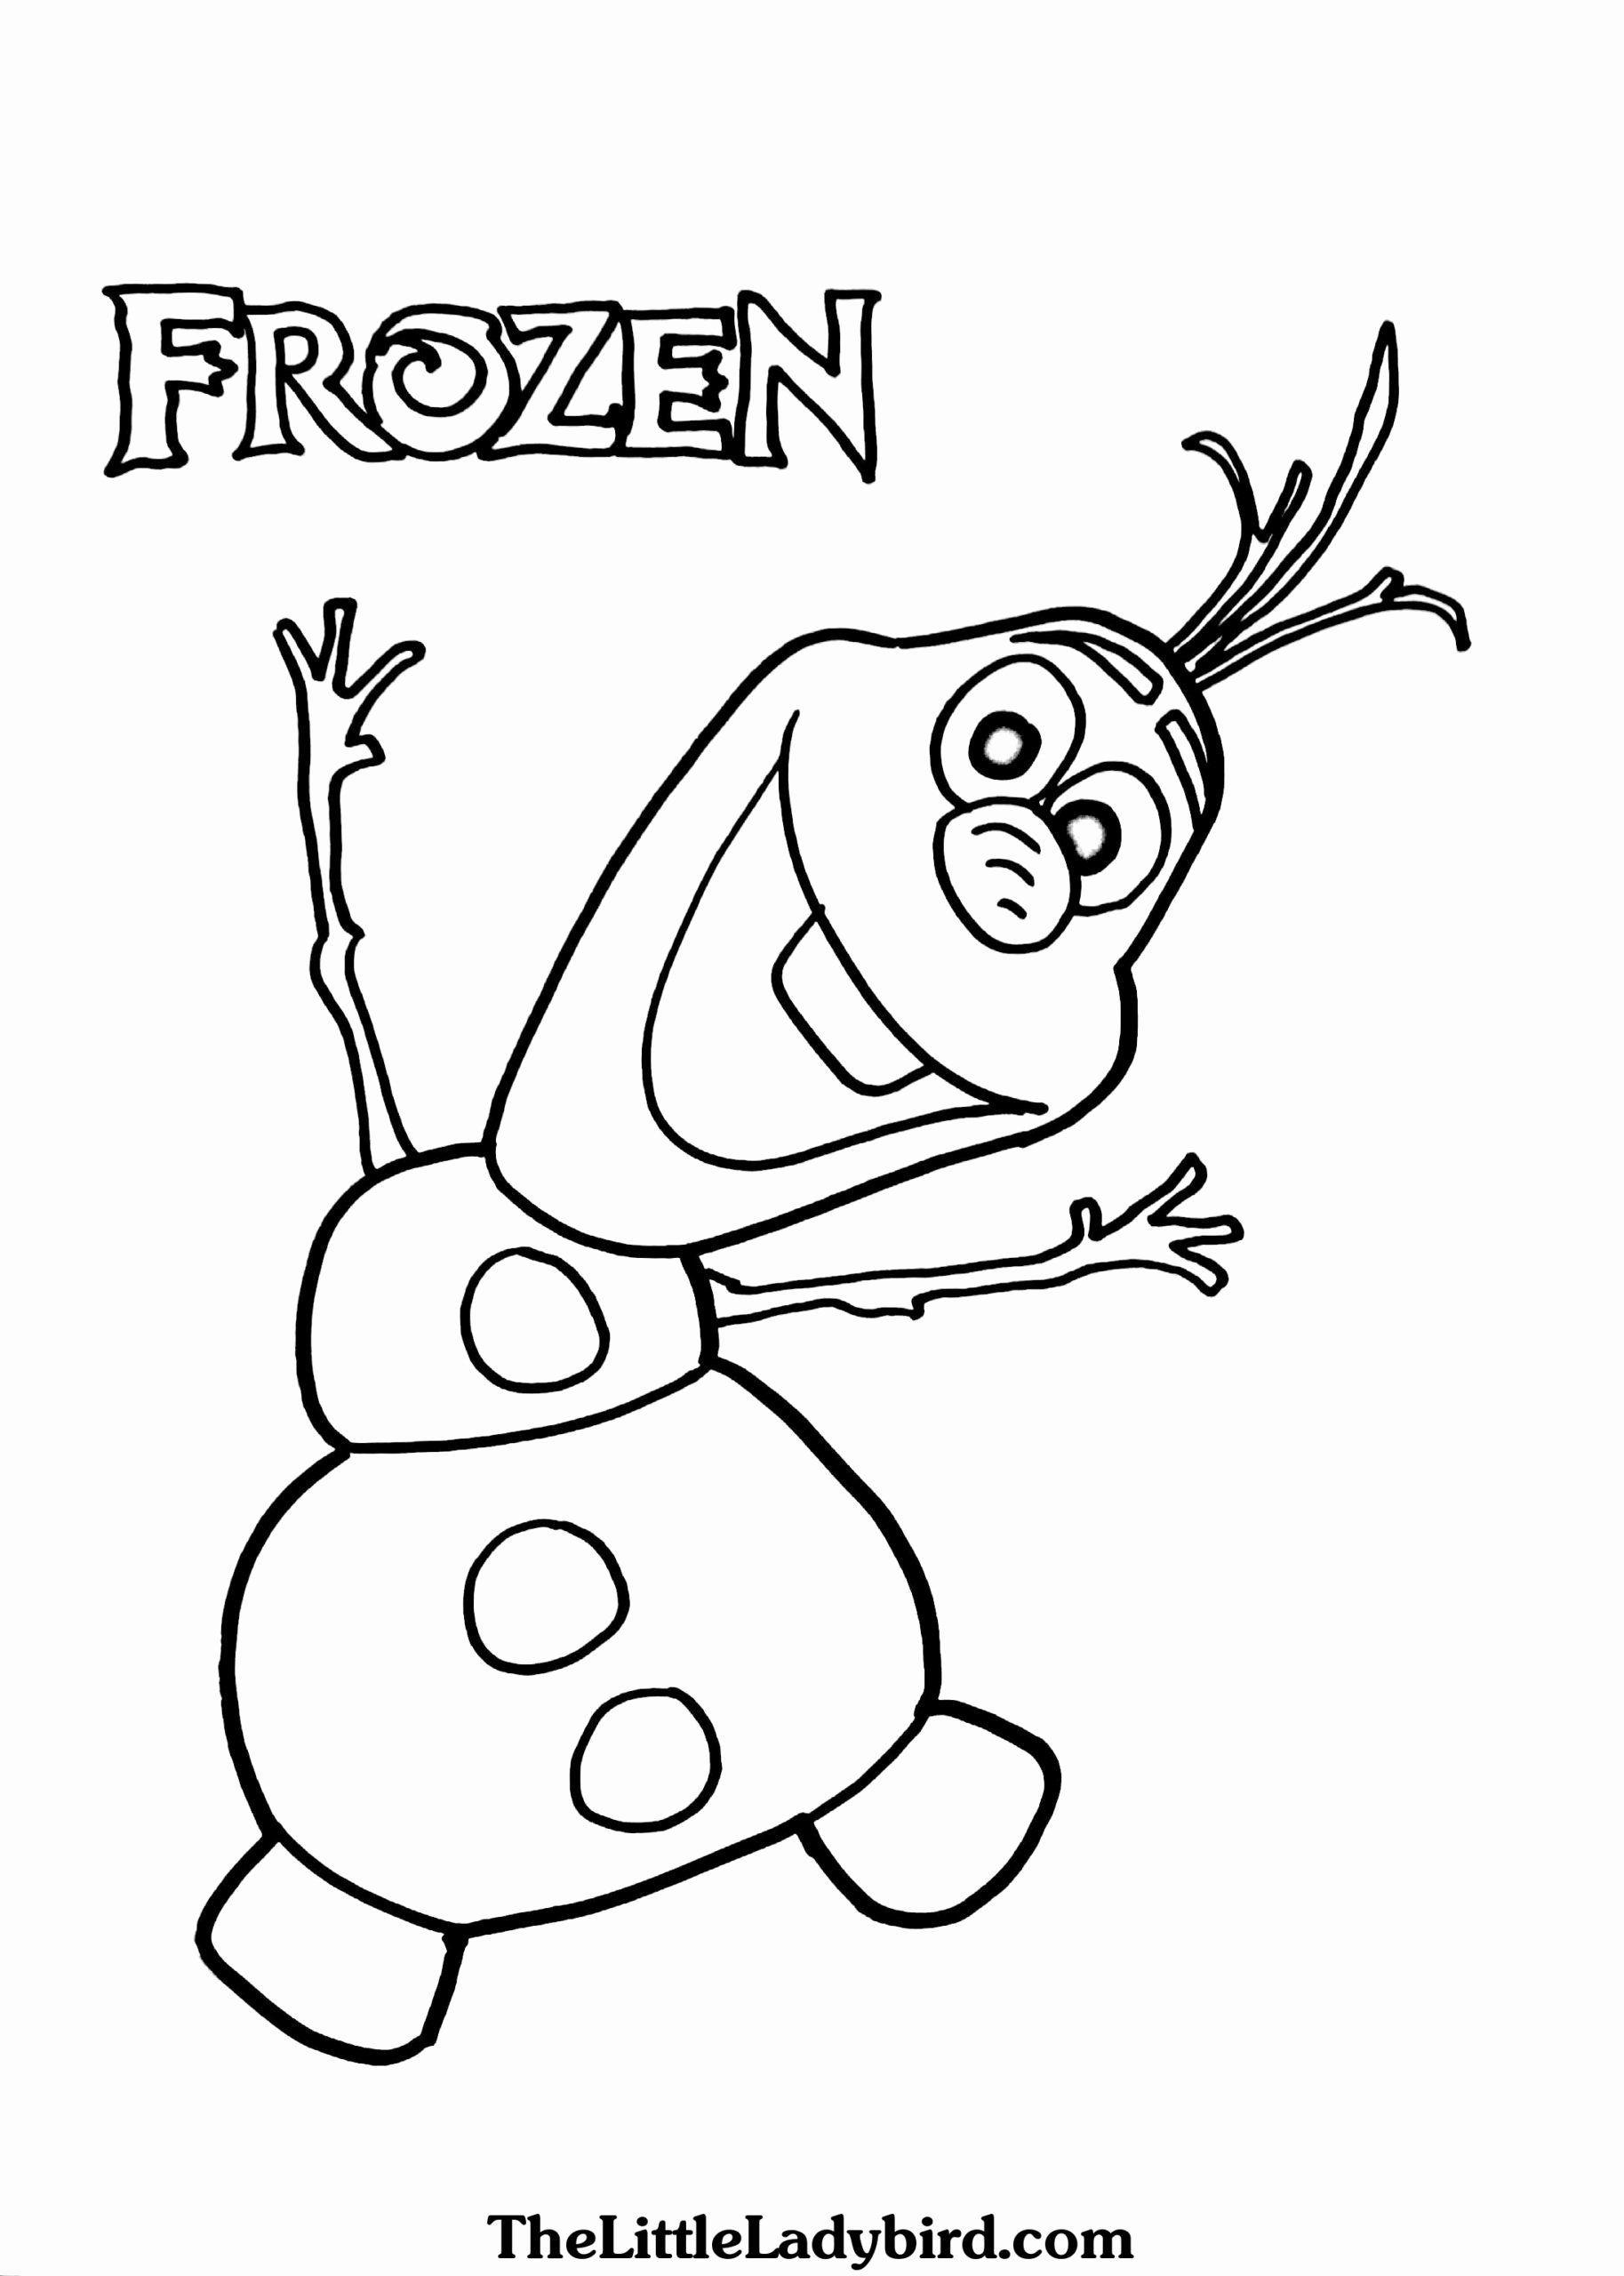 Kostenlose Wissenschaft Malvorlagen Einzigartige Malvorlagen Malbuch Frozen Olaf Idea Disney Malvorlagen Kostenlose Malvorlagen Disney Prinzessin Malvorlagen